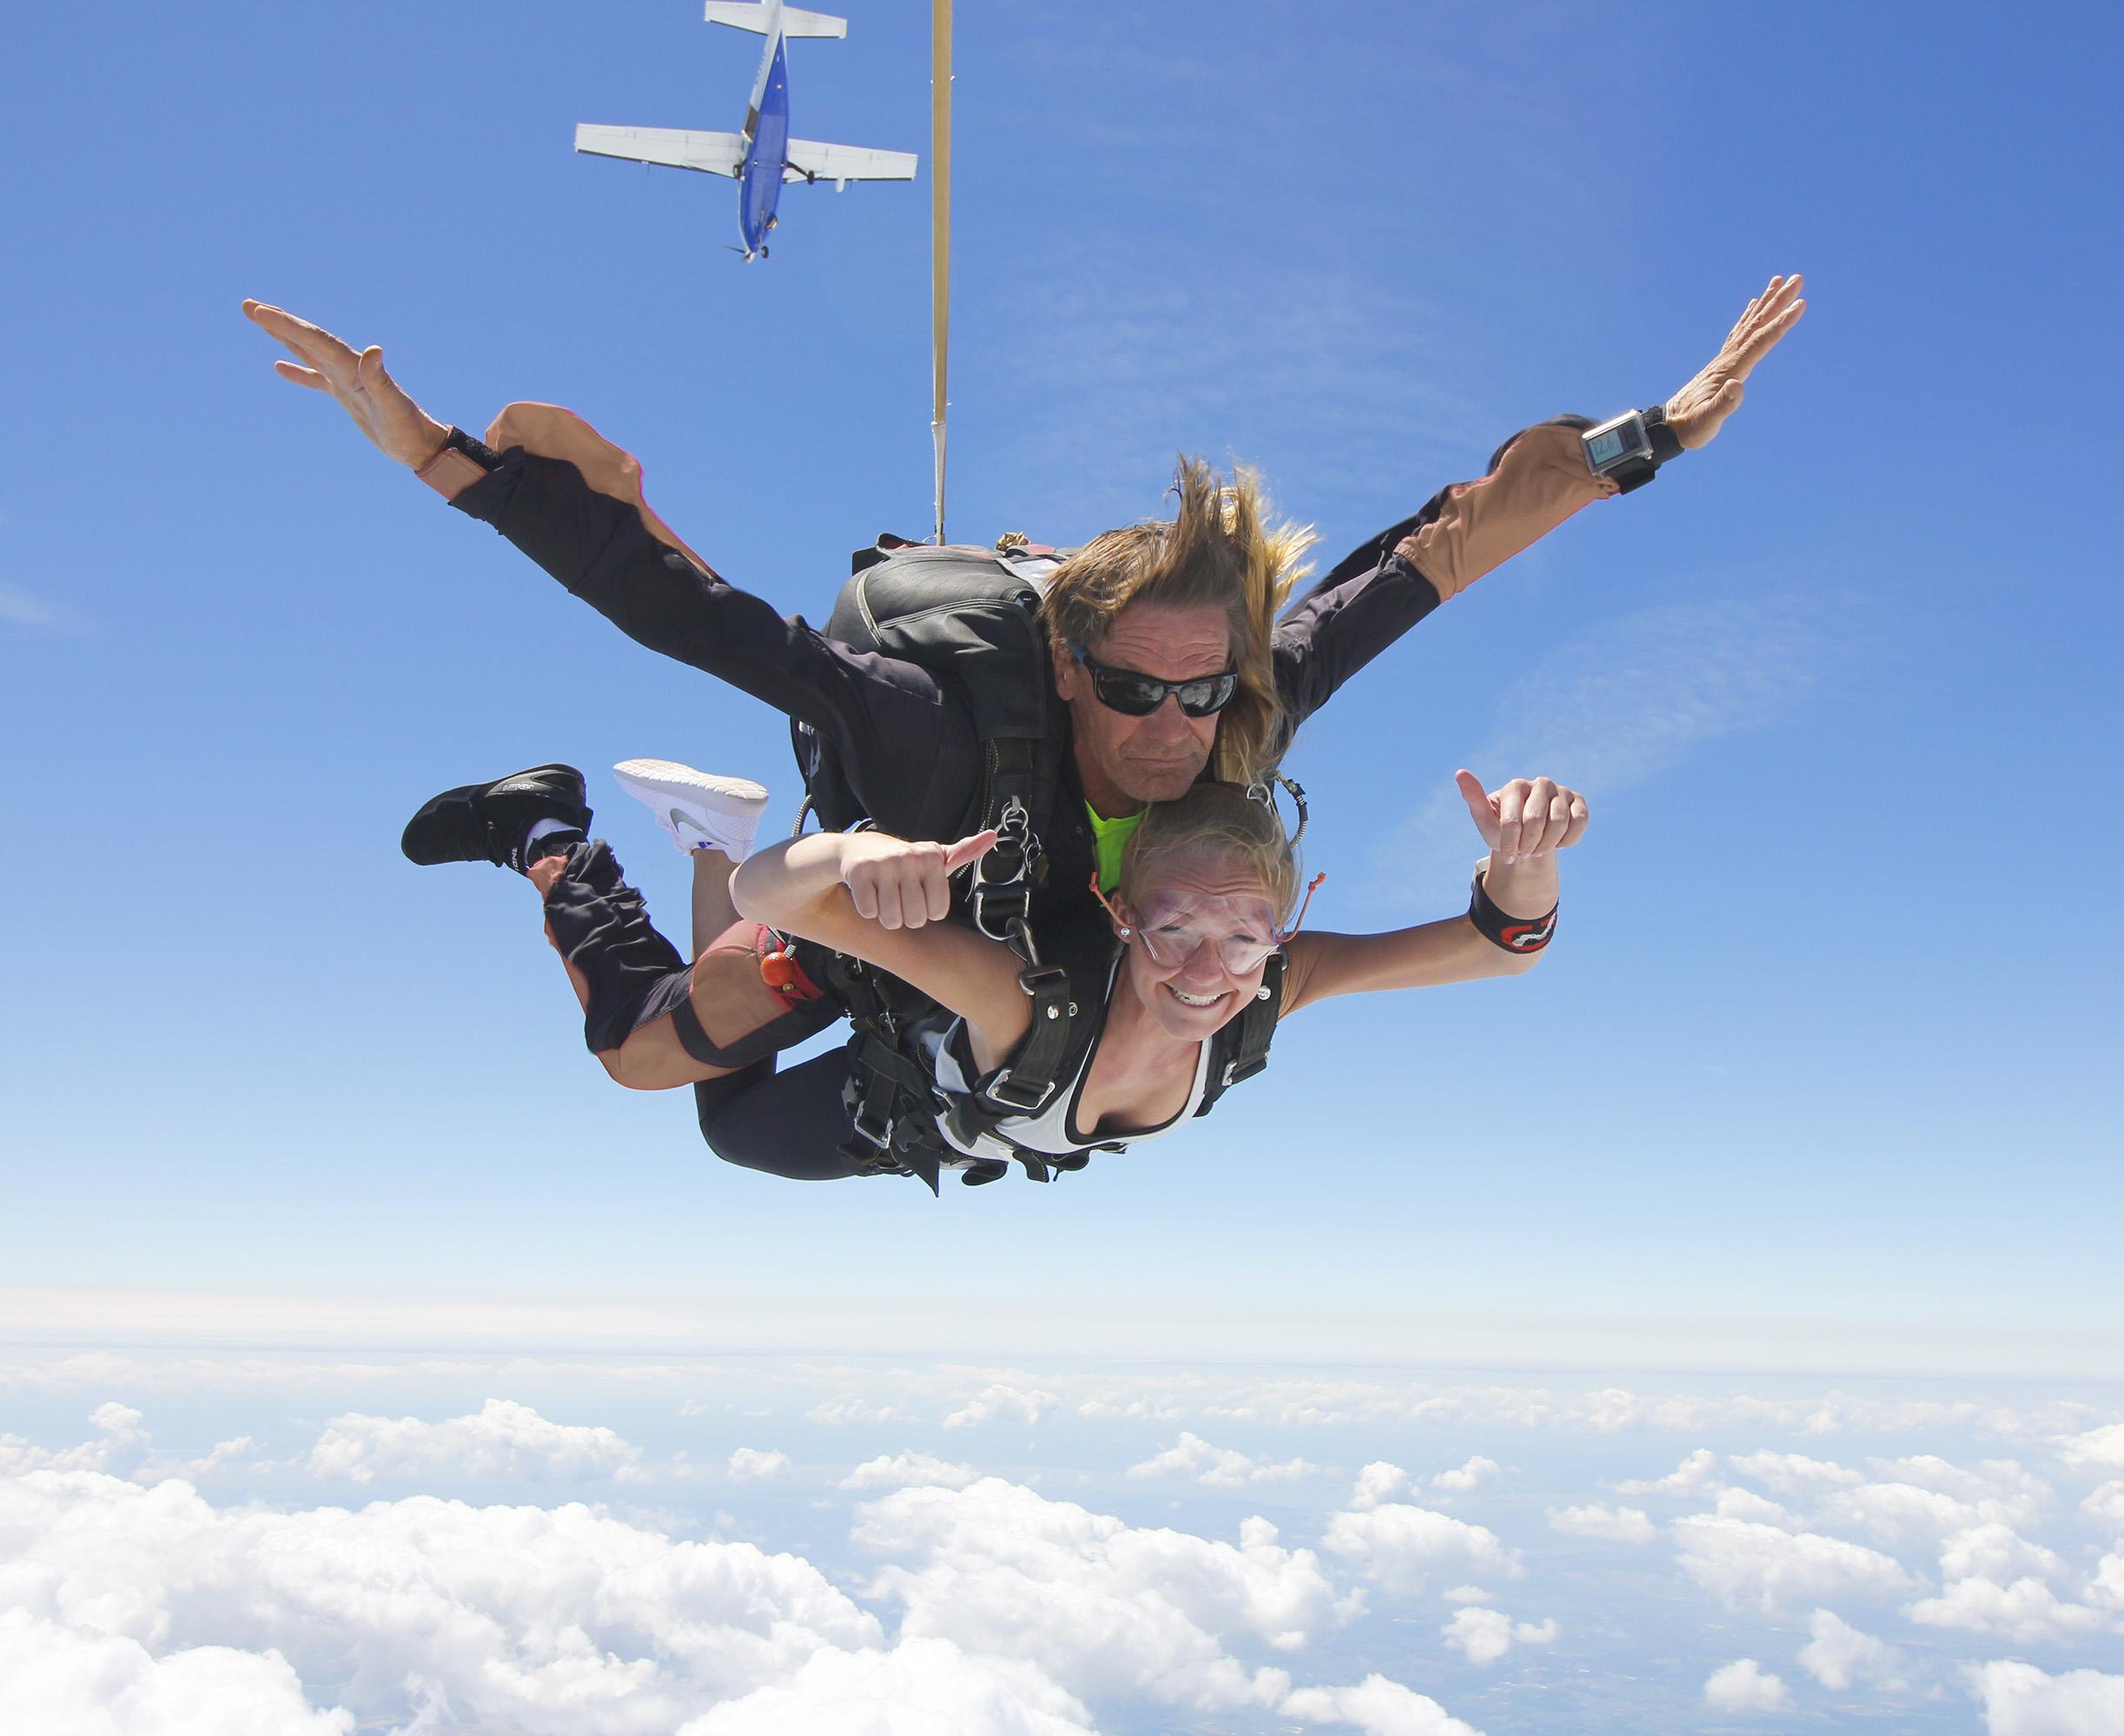 Skydiving in Philadelphia Cross Keys